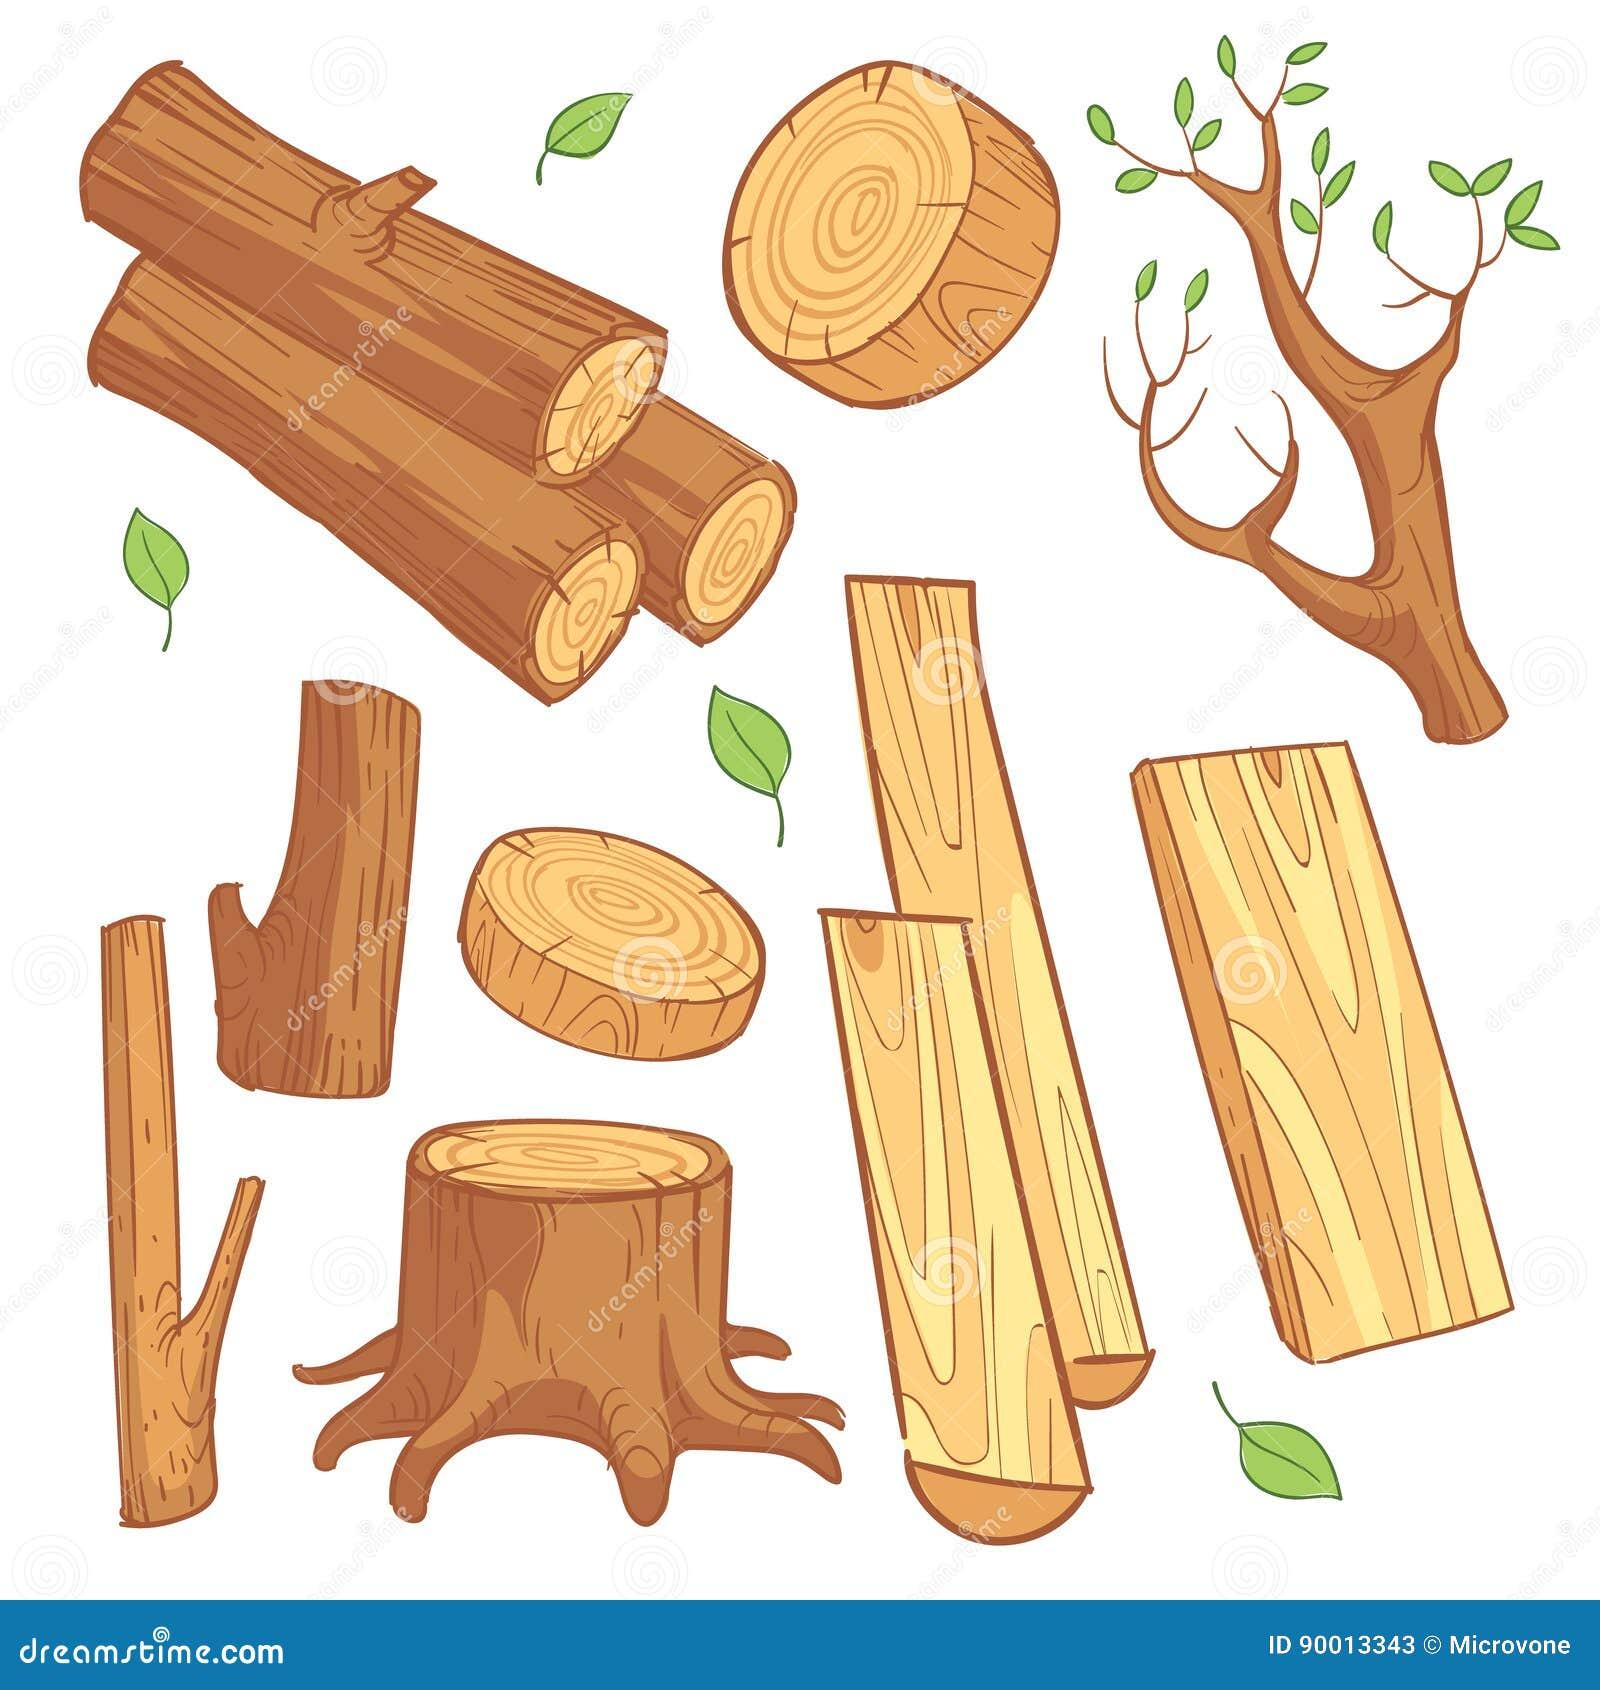 Materiais de madeira dos desenhos animados, madeira serrada, lenha, grupo de madeira do vetor do coto